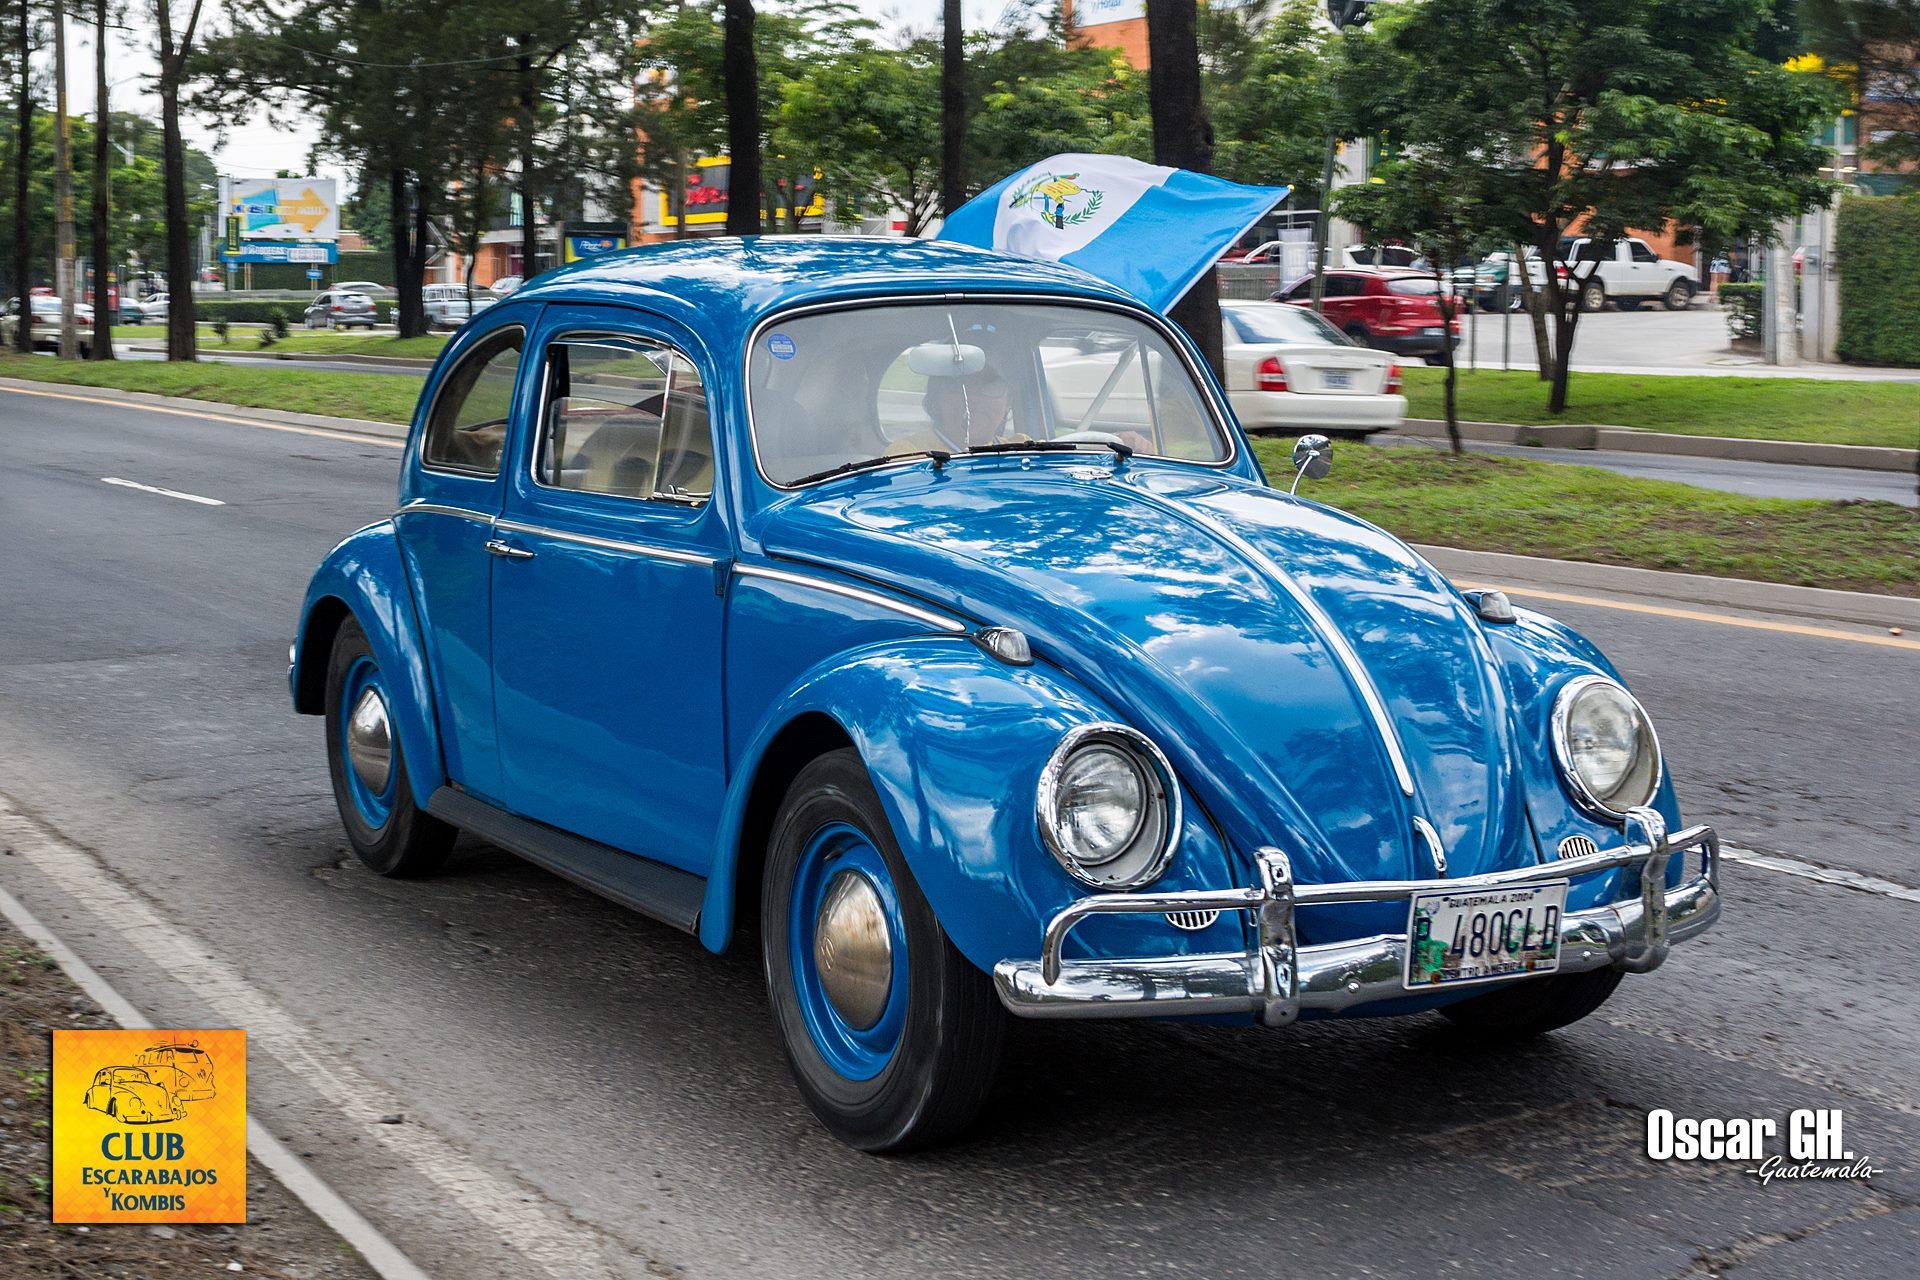 (Foto: Club Escarabajos y Kombis Guatemala / Oscar GH)